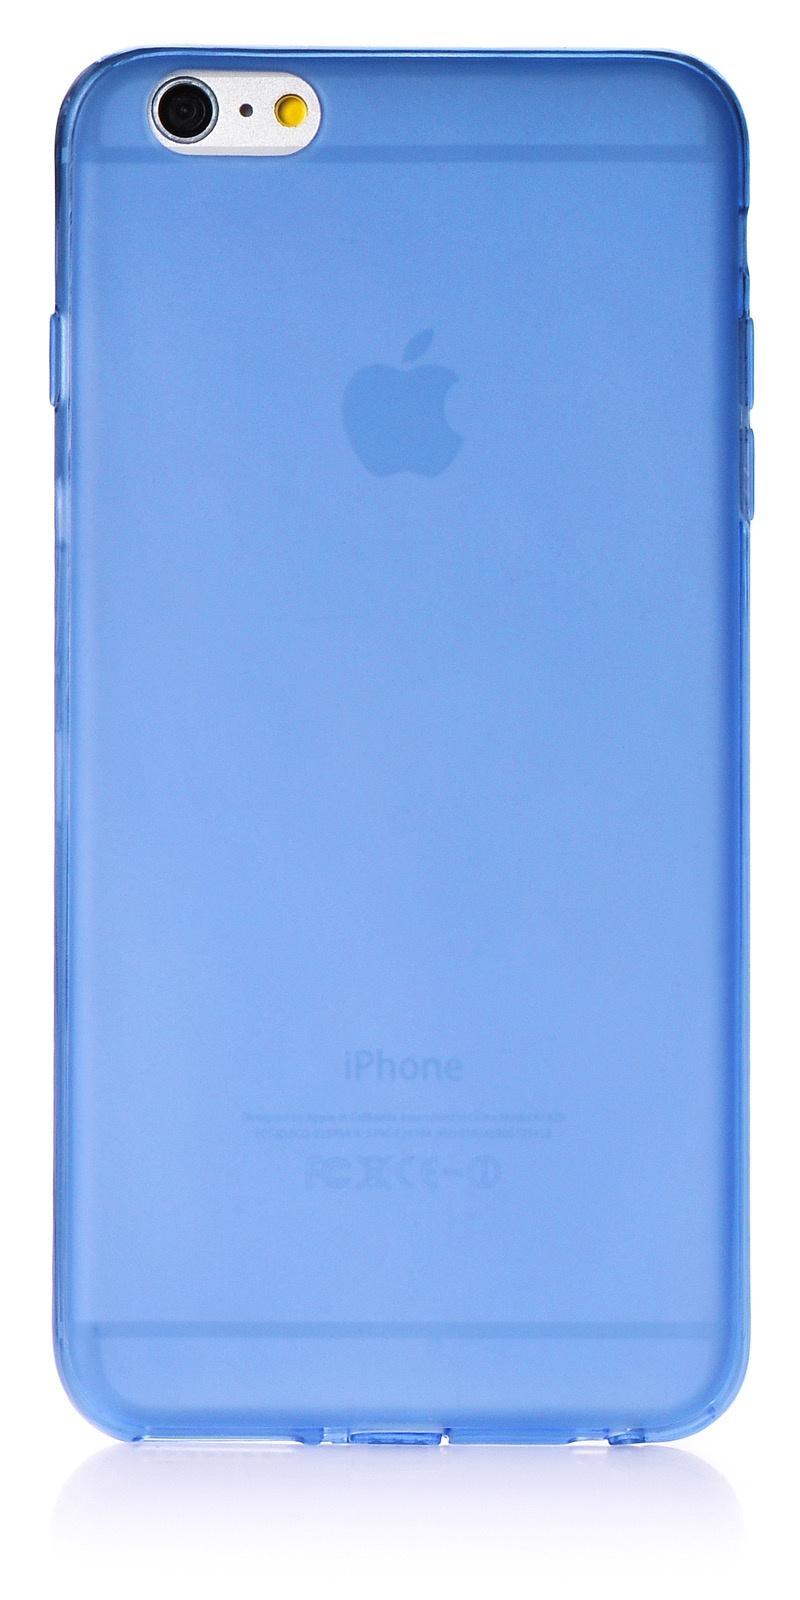 """Чехол для сотового телефона iNeez накладка силикон 0.3 mm матовый 620104 для Apple iPhone 6 Plus/6S Plus 5.5"""", голубой"""